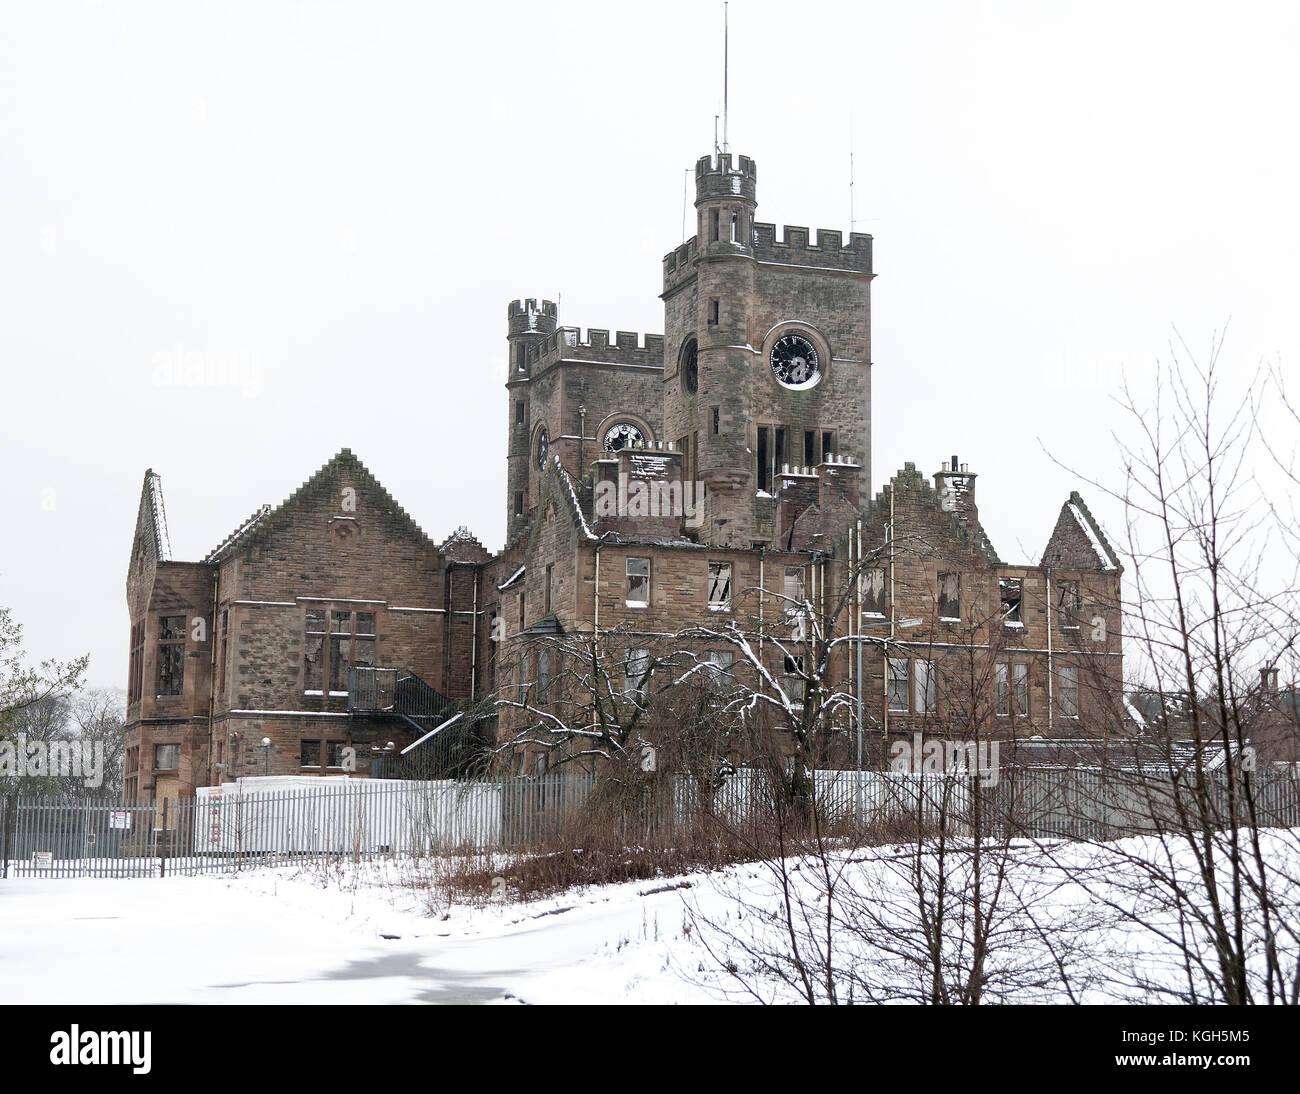 HARTWOOD, Schottland - 03. Dezember 2011: Das alte Krankenhaus in den Schnee. Sleep Hospital ist ein aus dem 19. Stockbild